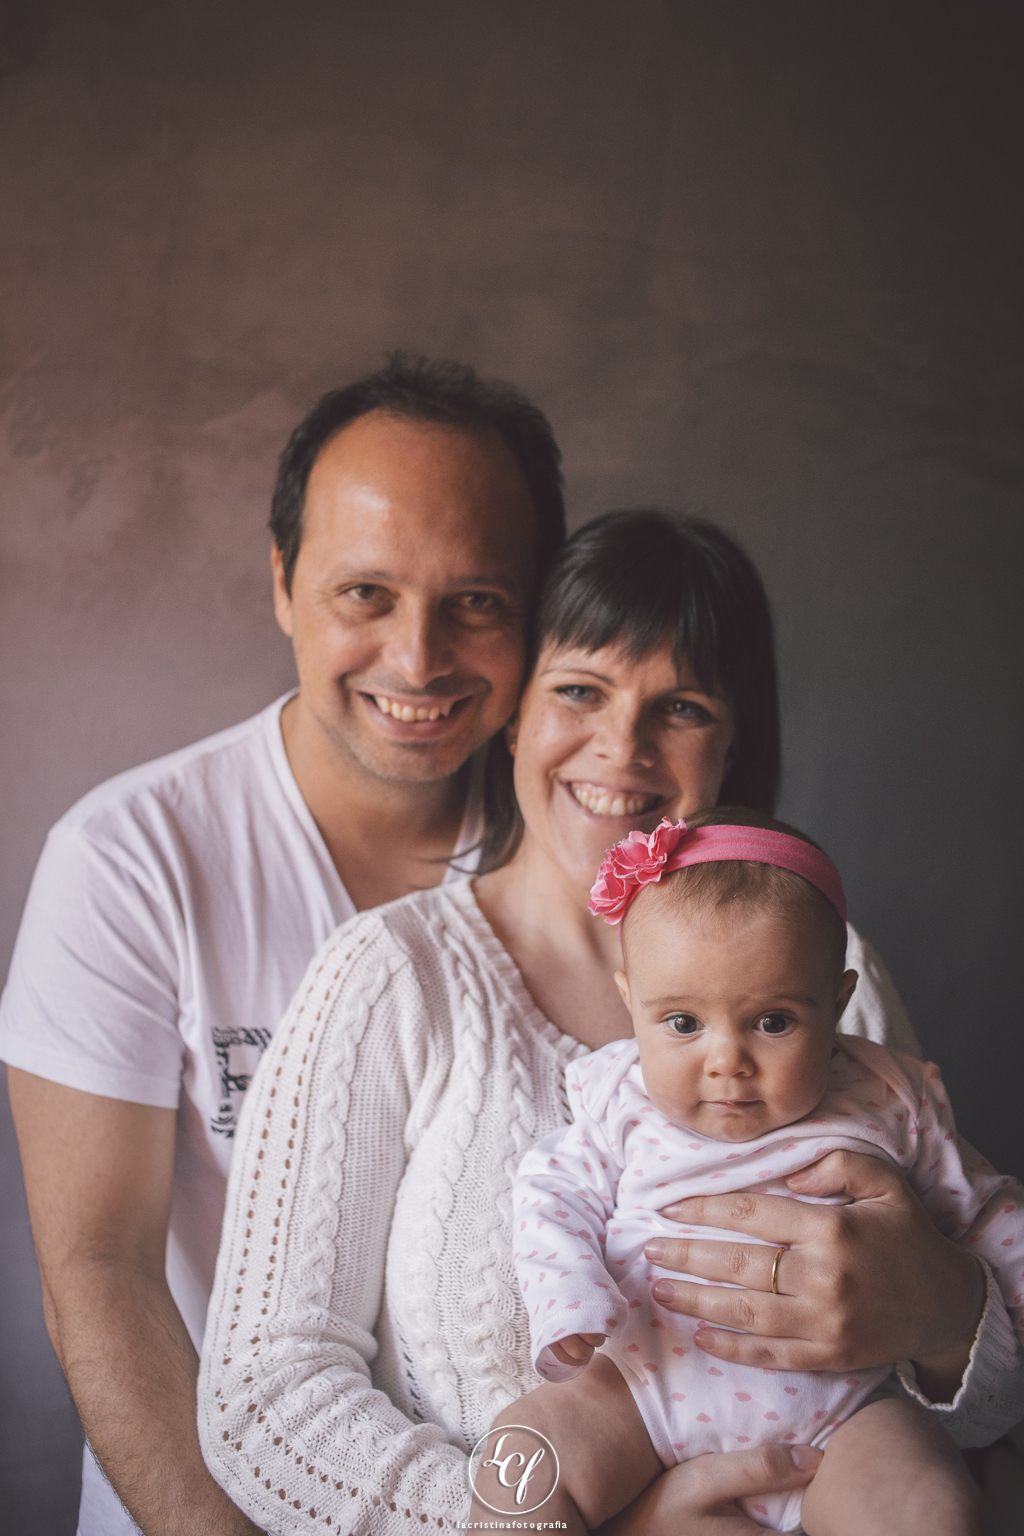 fotografía de bebé :: fotógrafo de bebé :: fotografía de recién nacido :: fotógrafo de recién nacido barcelona :: fotógrafo de bebés Sant Cugat